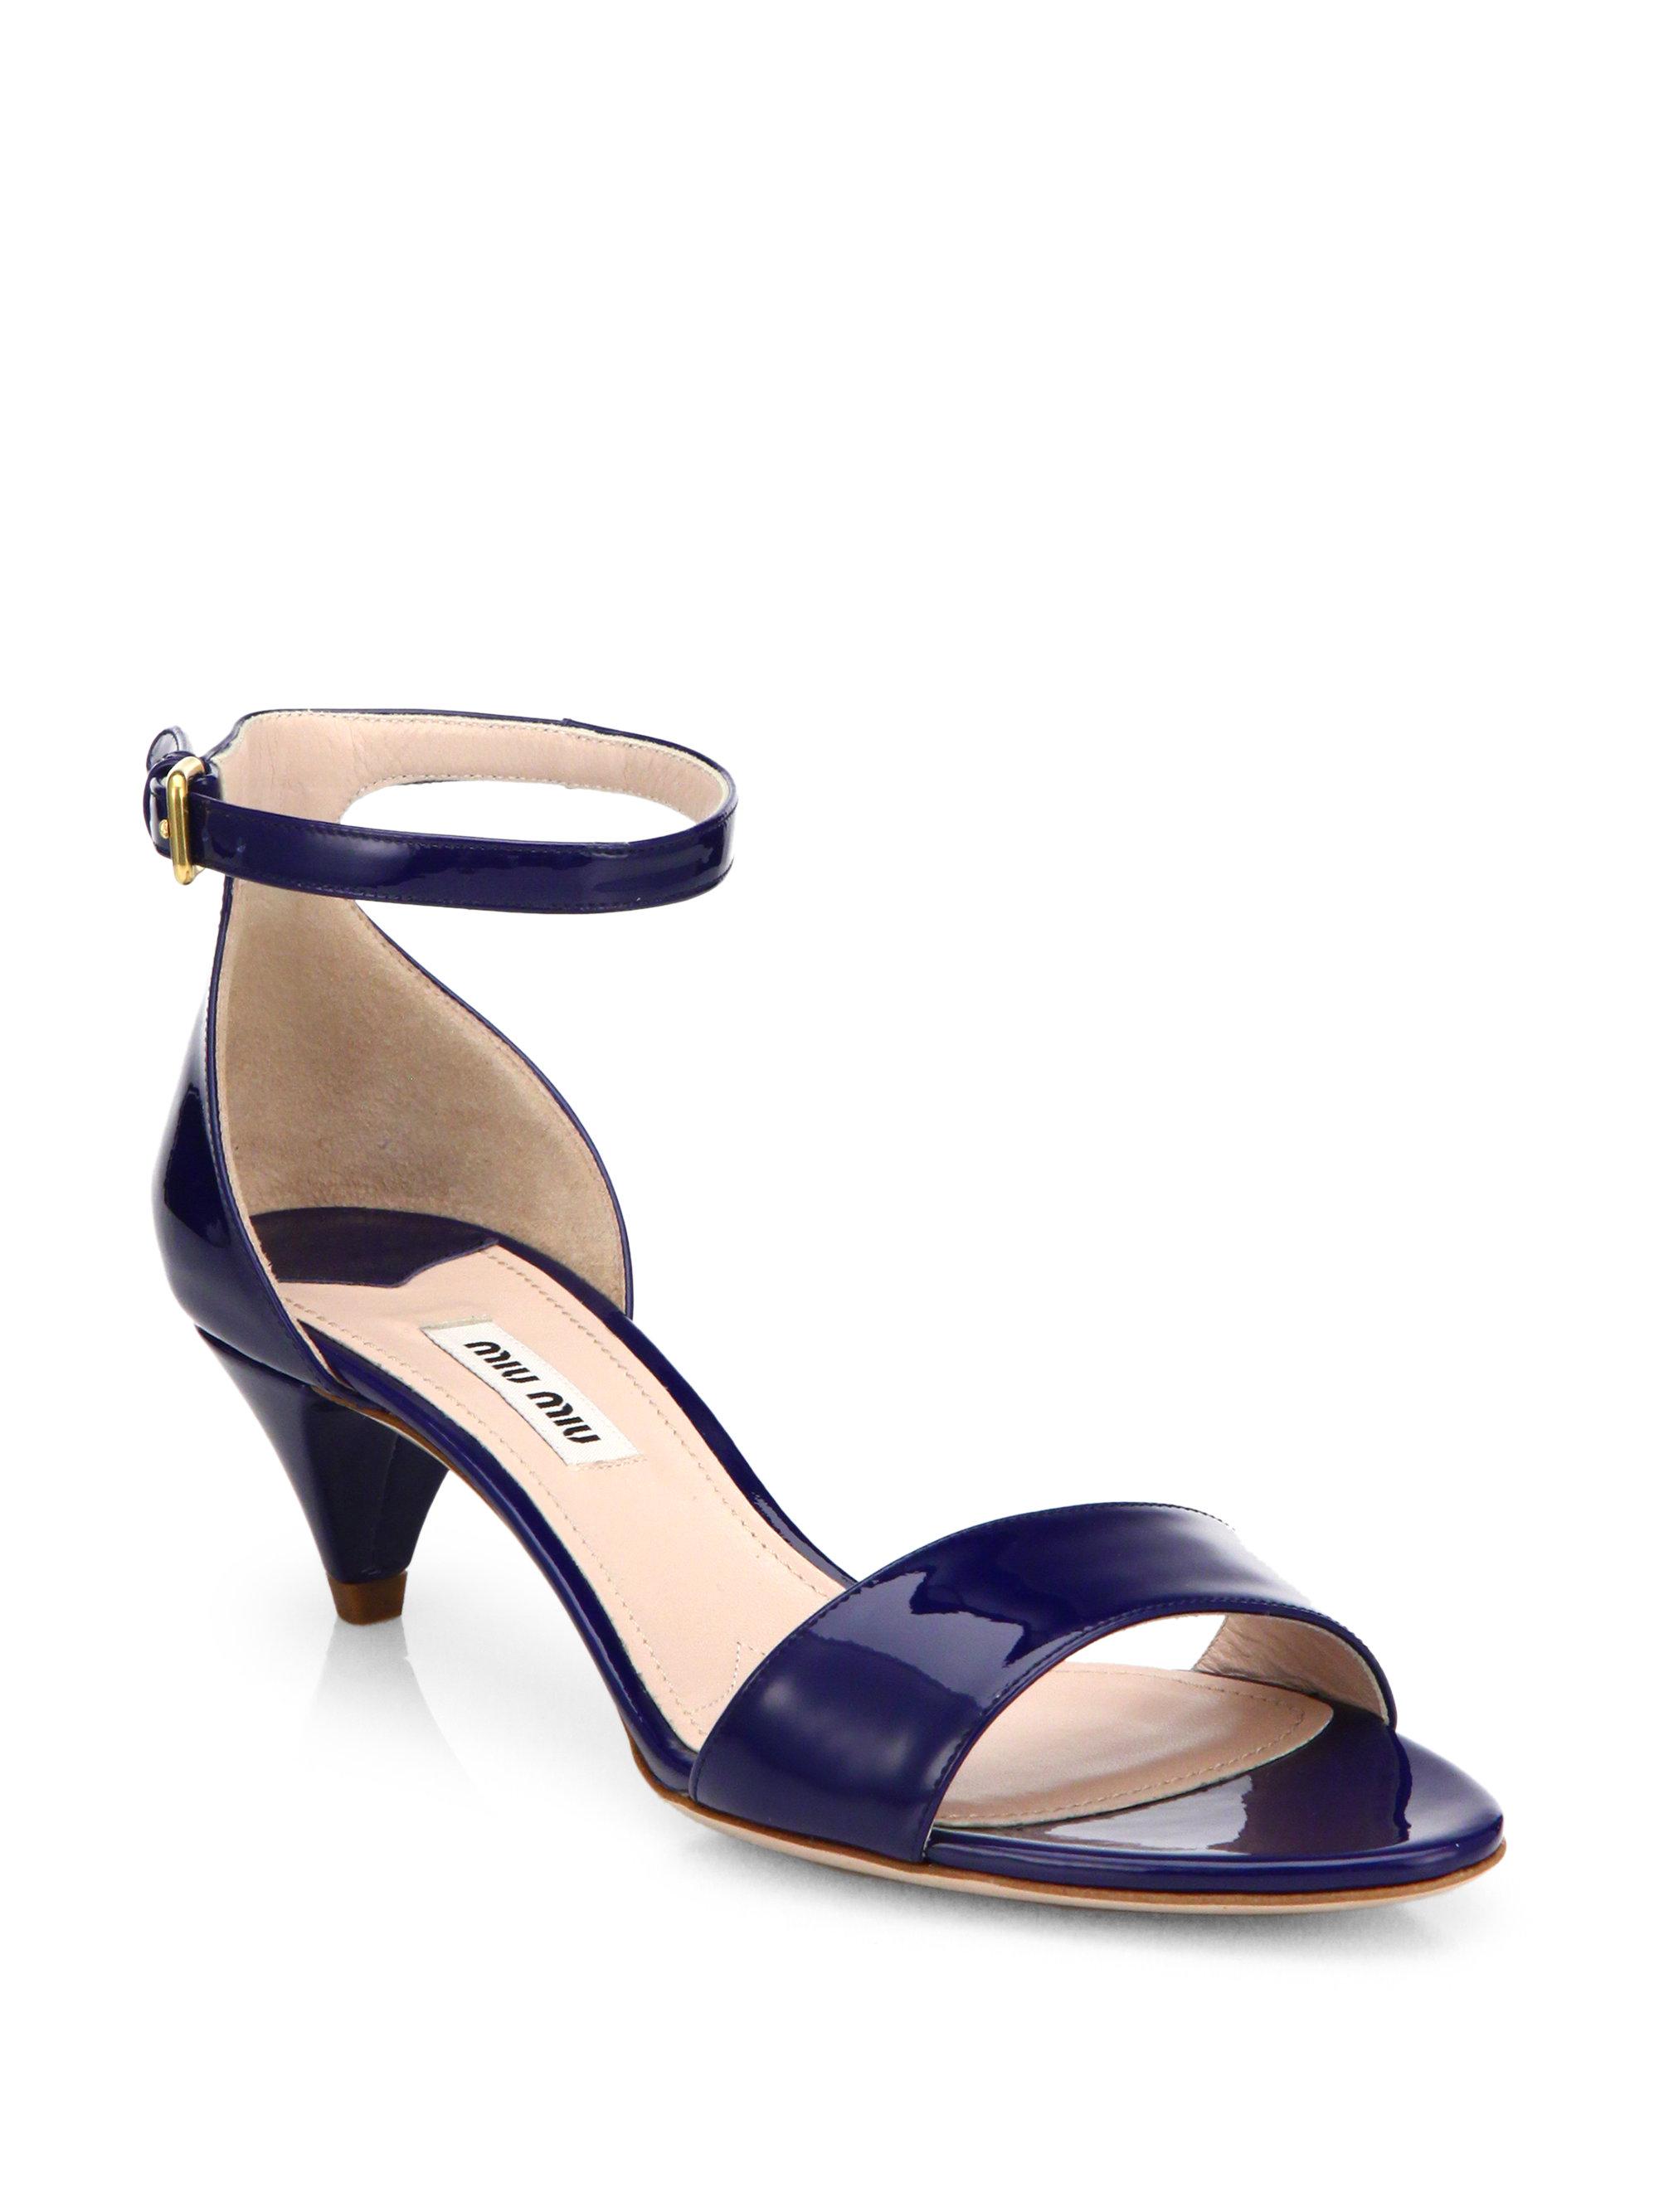 Lyst - Miu Miu Patent Leather Kitten Heel Sandals in Blue